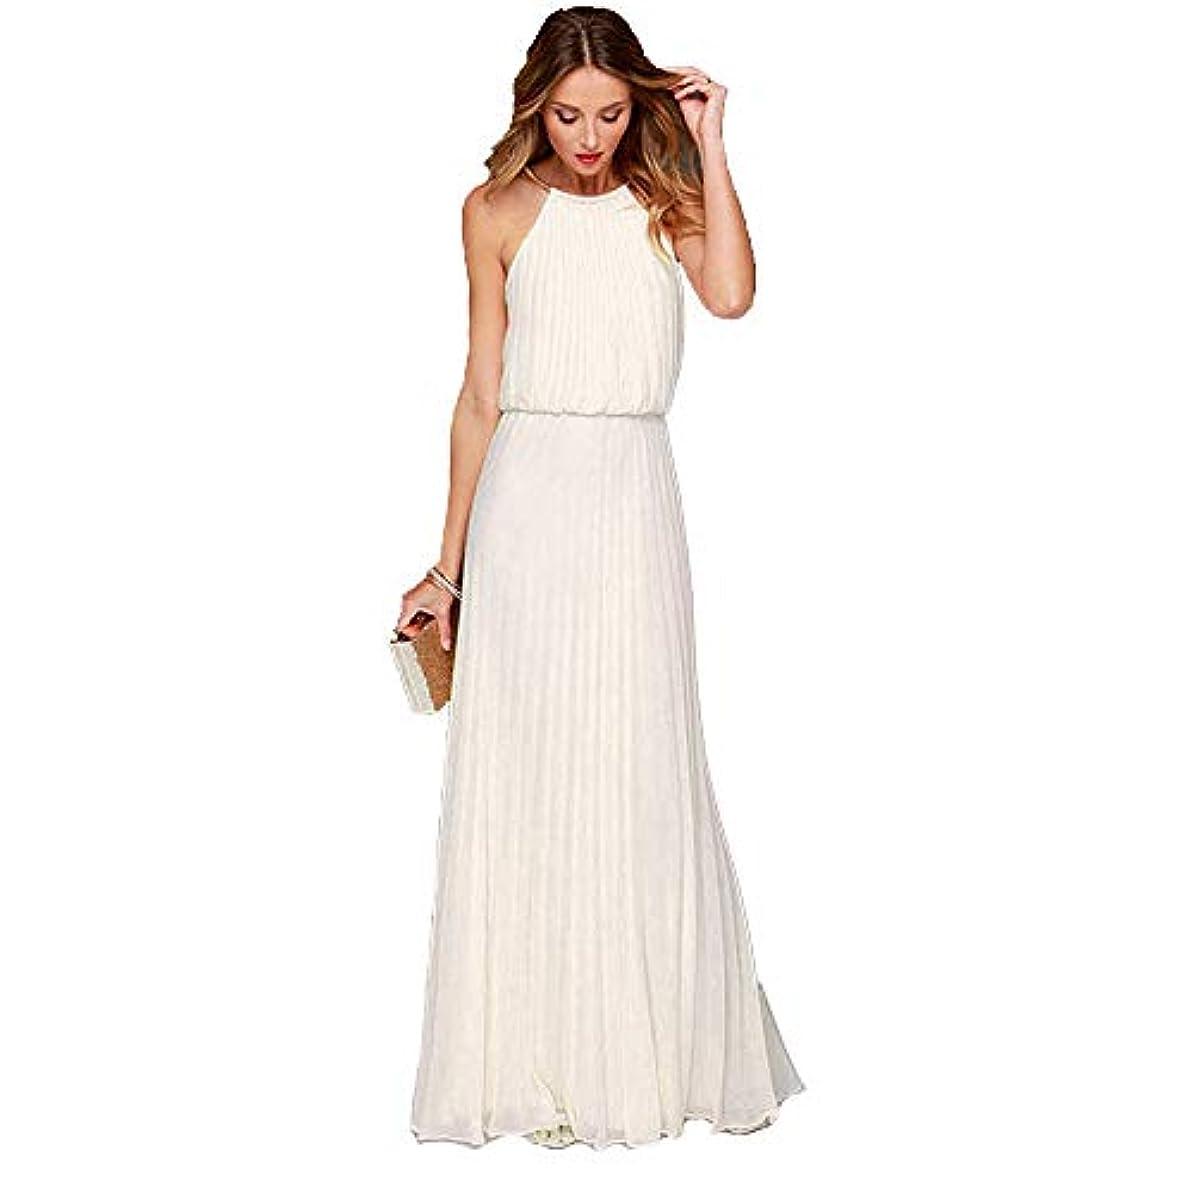 落ち込んでいる豊かなポップMIFANロングドレス、セクシーなドレス、エレガント、女性のファッション、ノースリーブのドレス、ファッションドレス、ニット、スリム